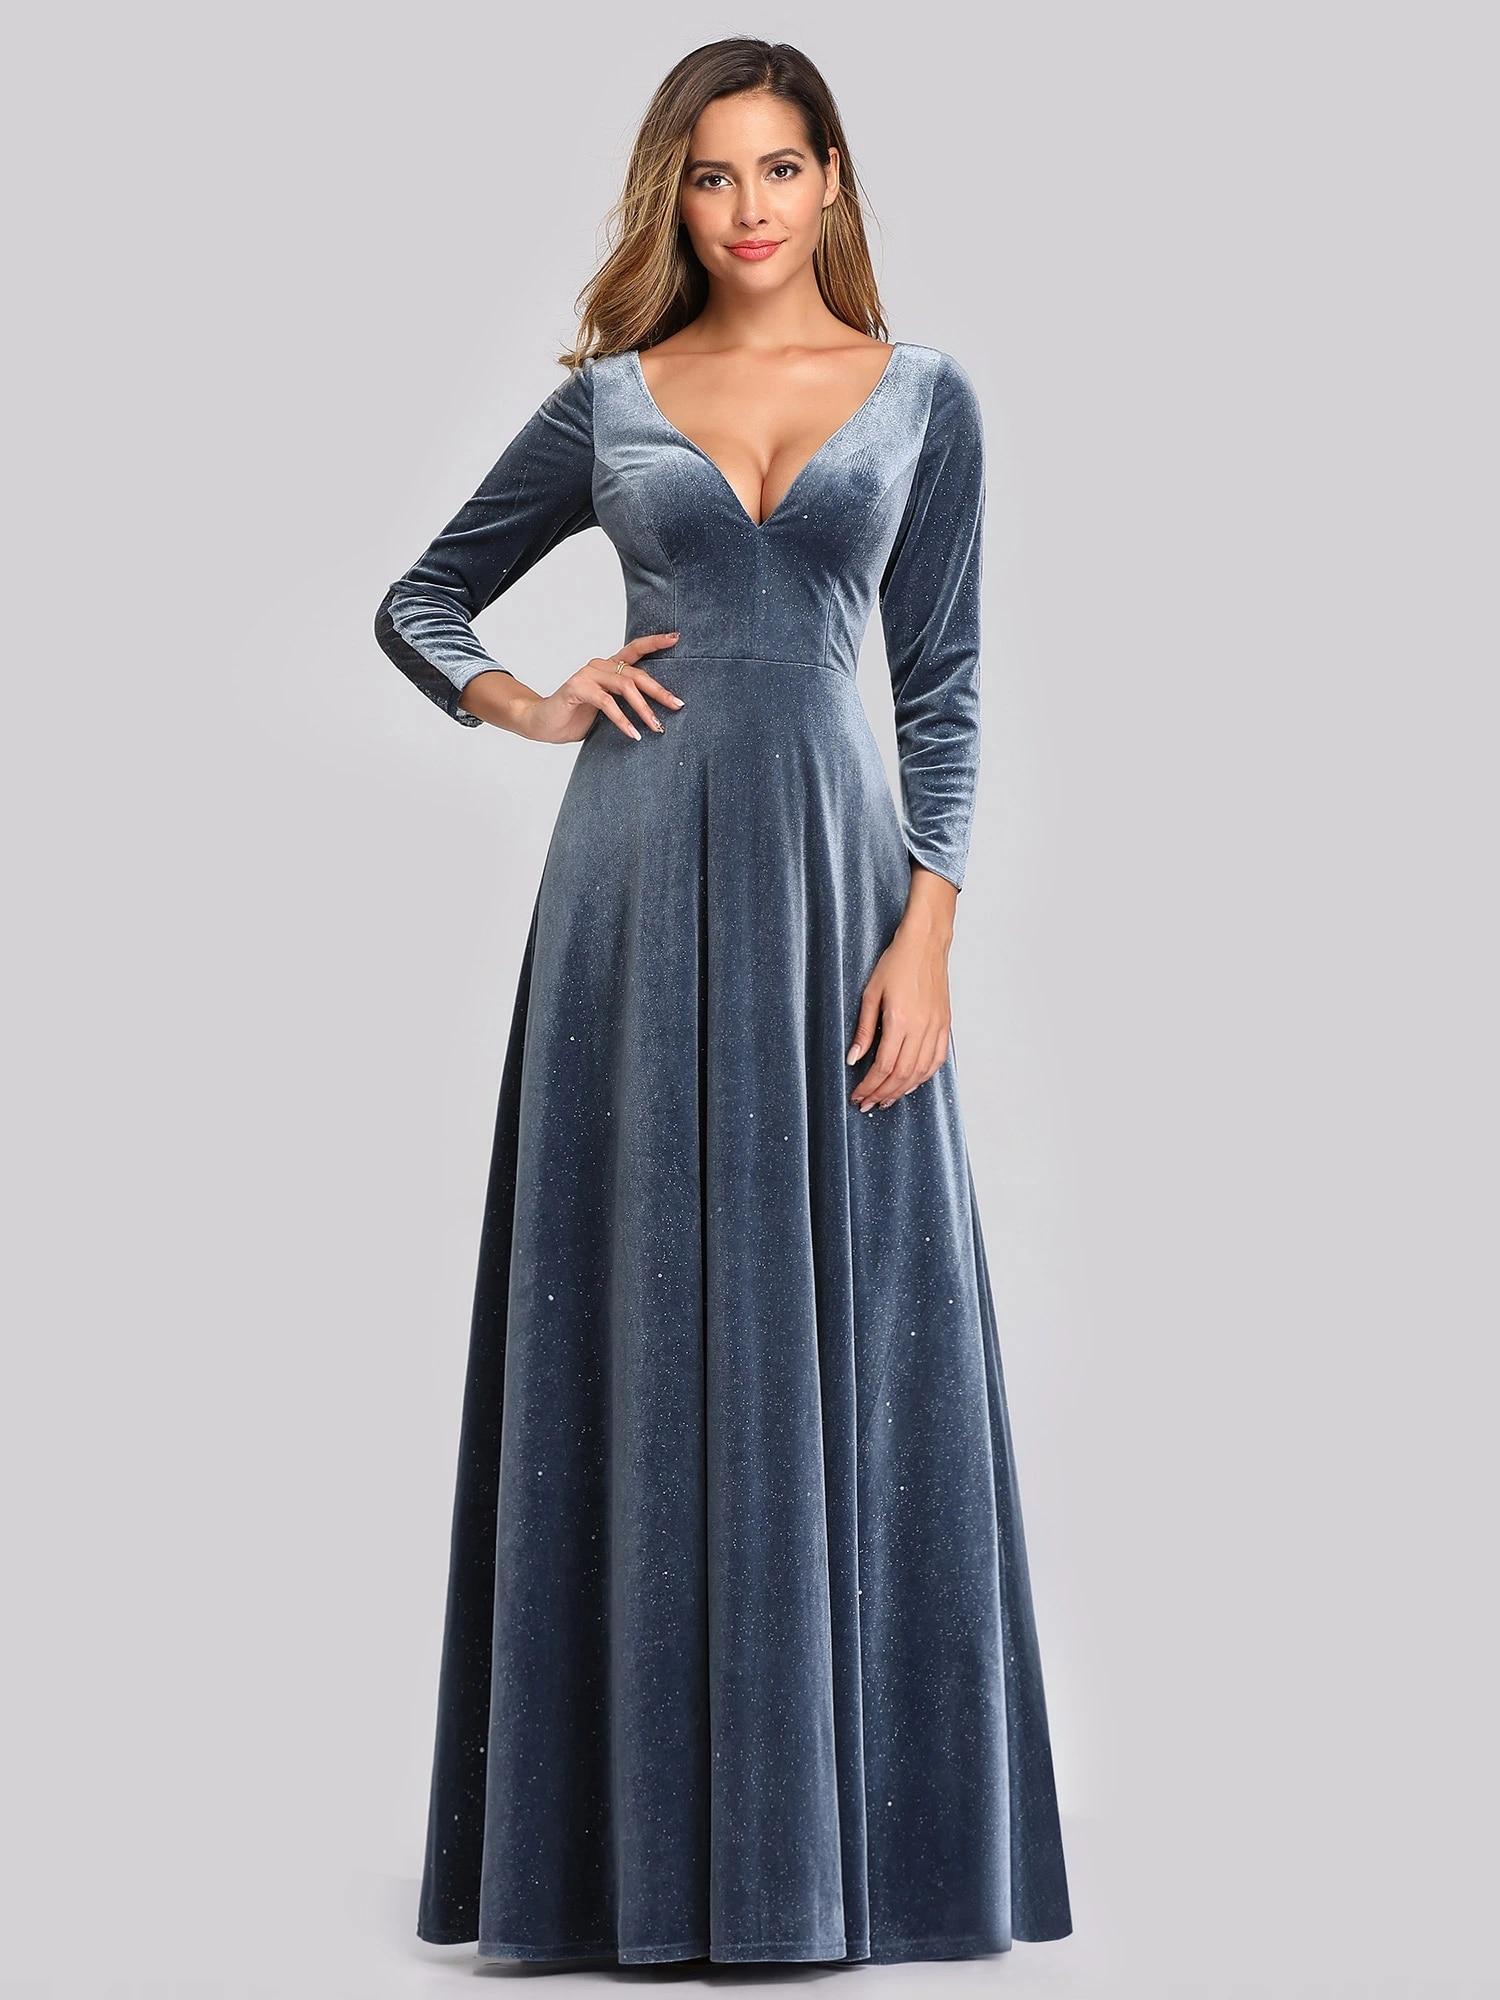 Robe de soirée Elegant Double V Neck Velvet Party Dresses for Women Evening Dresses Long Sleeve Vestido de noche A-LINE Gown